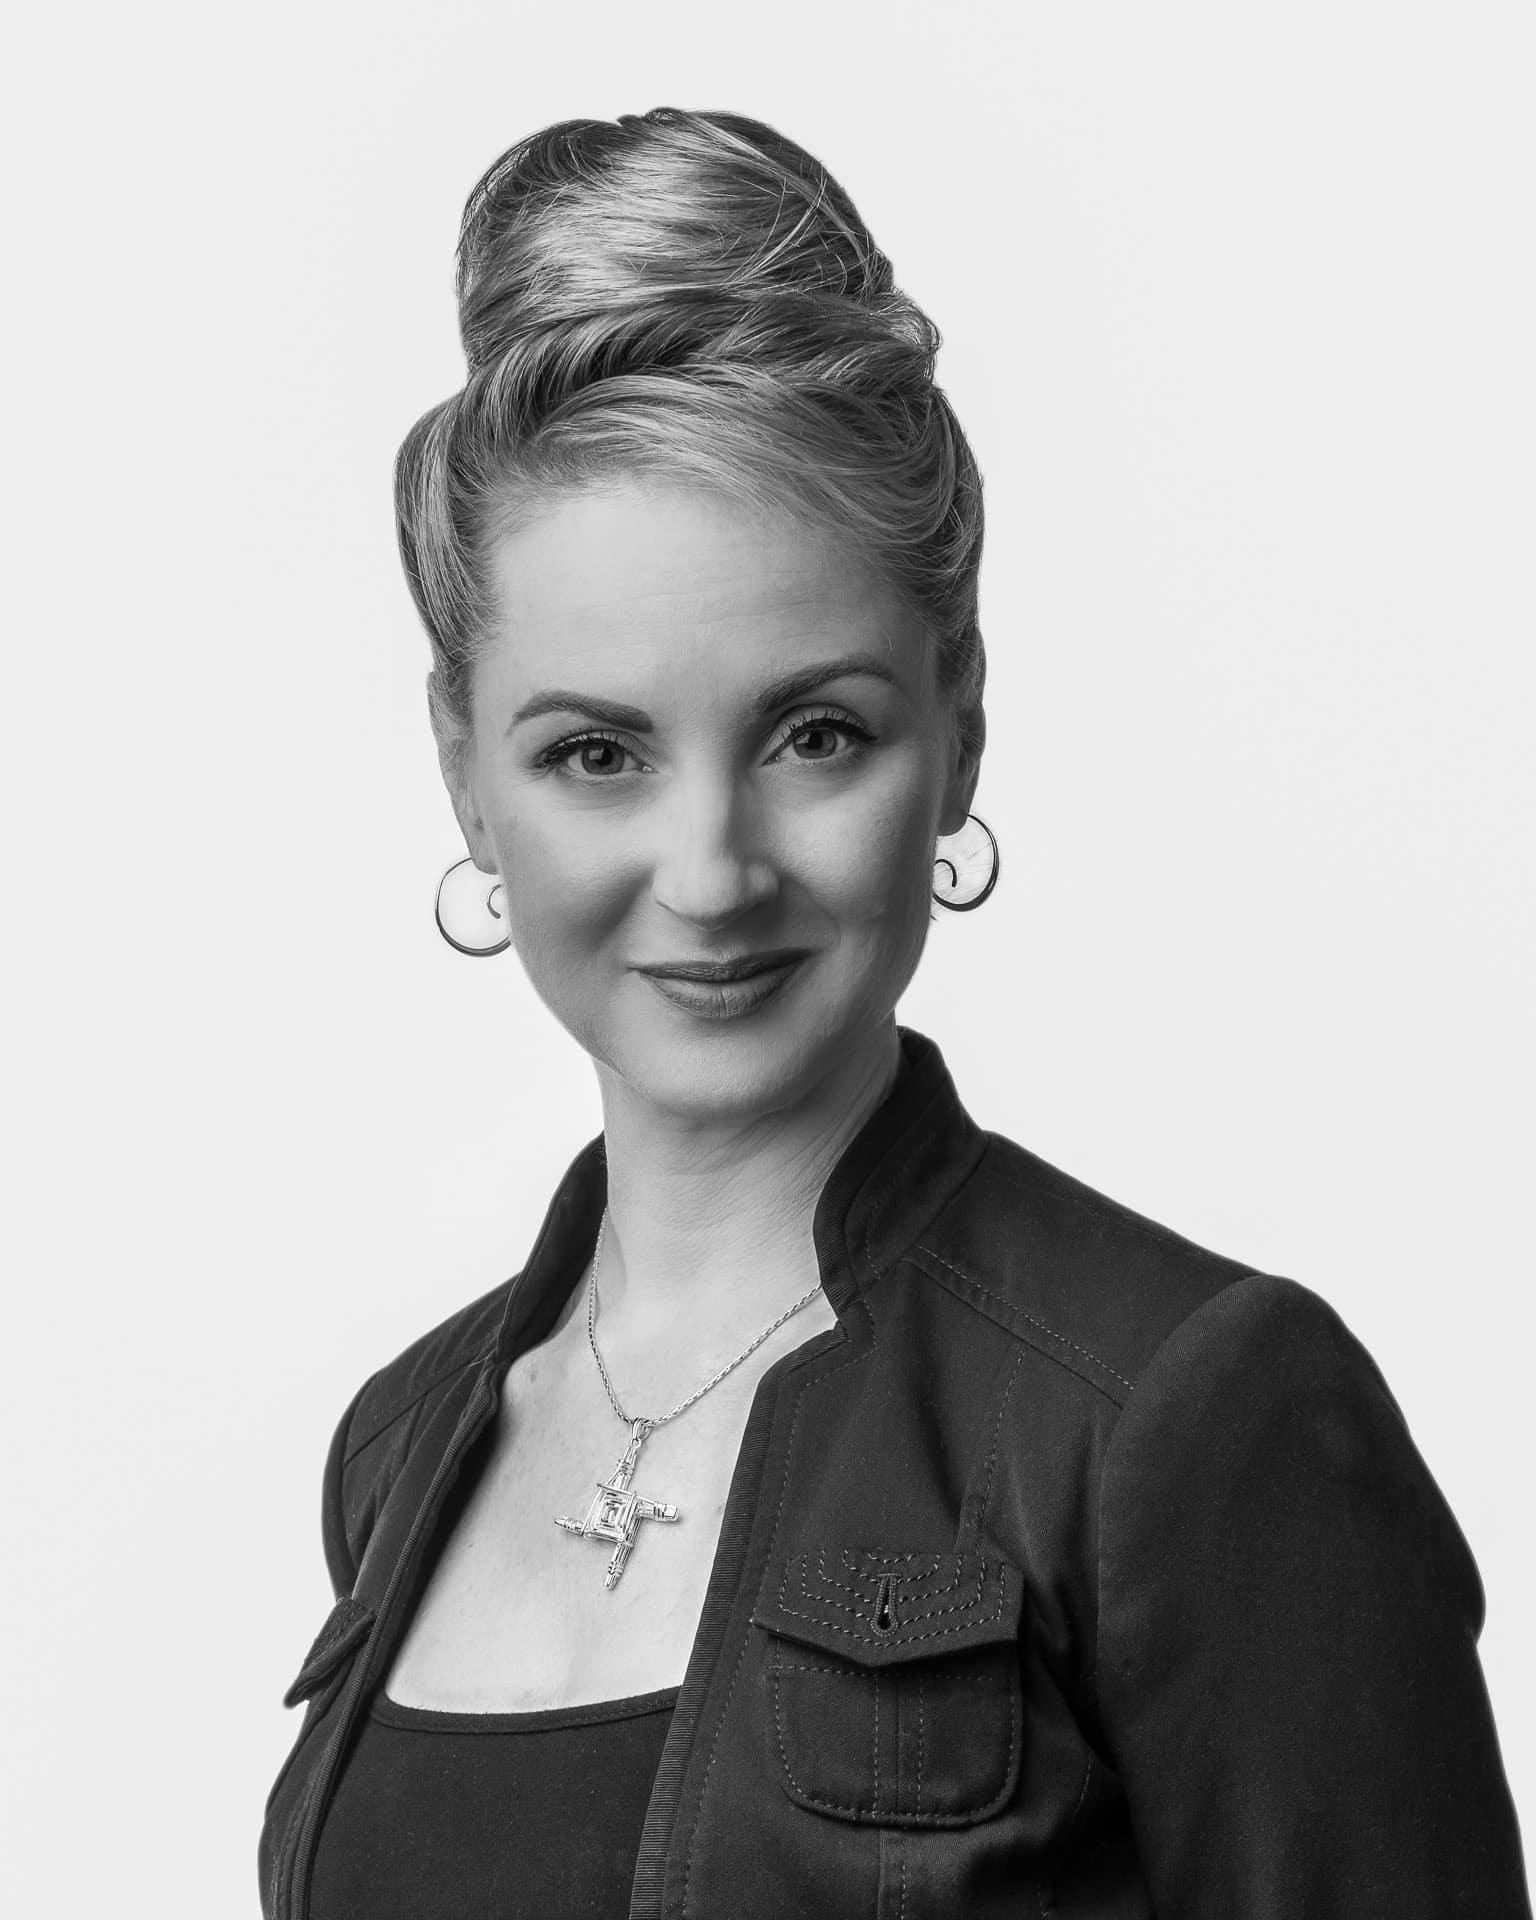 Natalie Nugent O'Shea, Executive Director